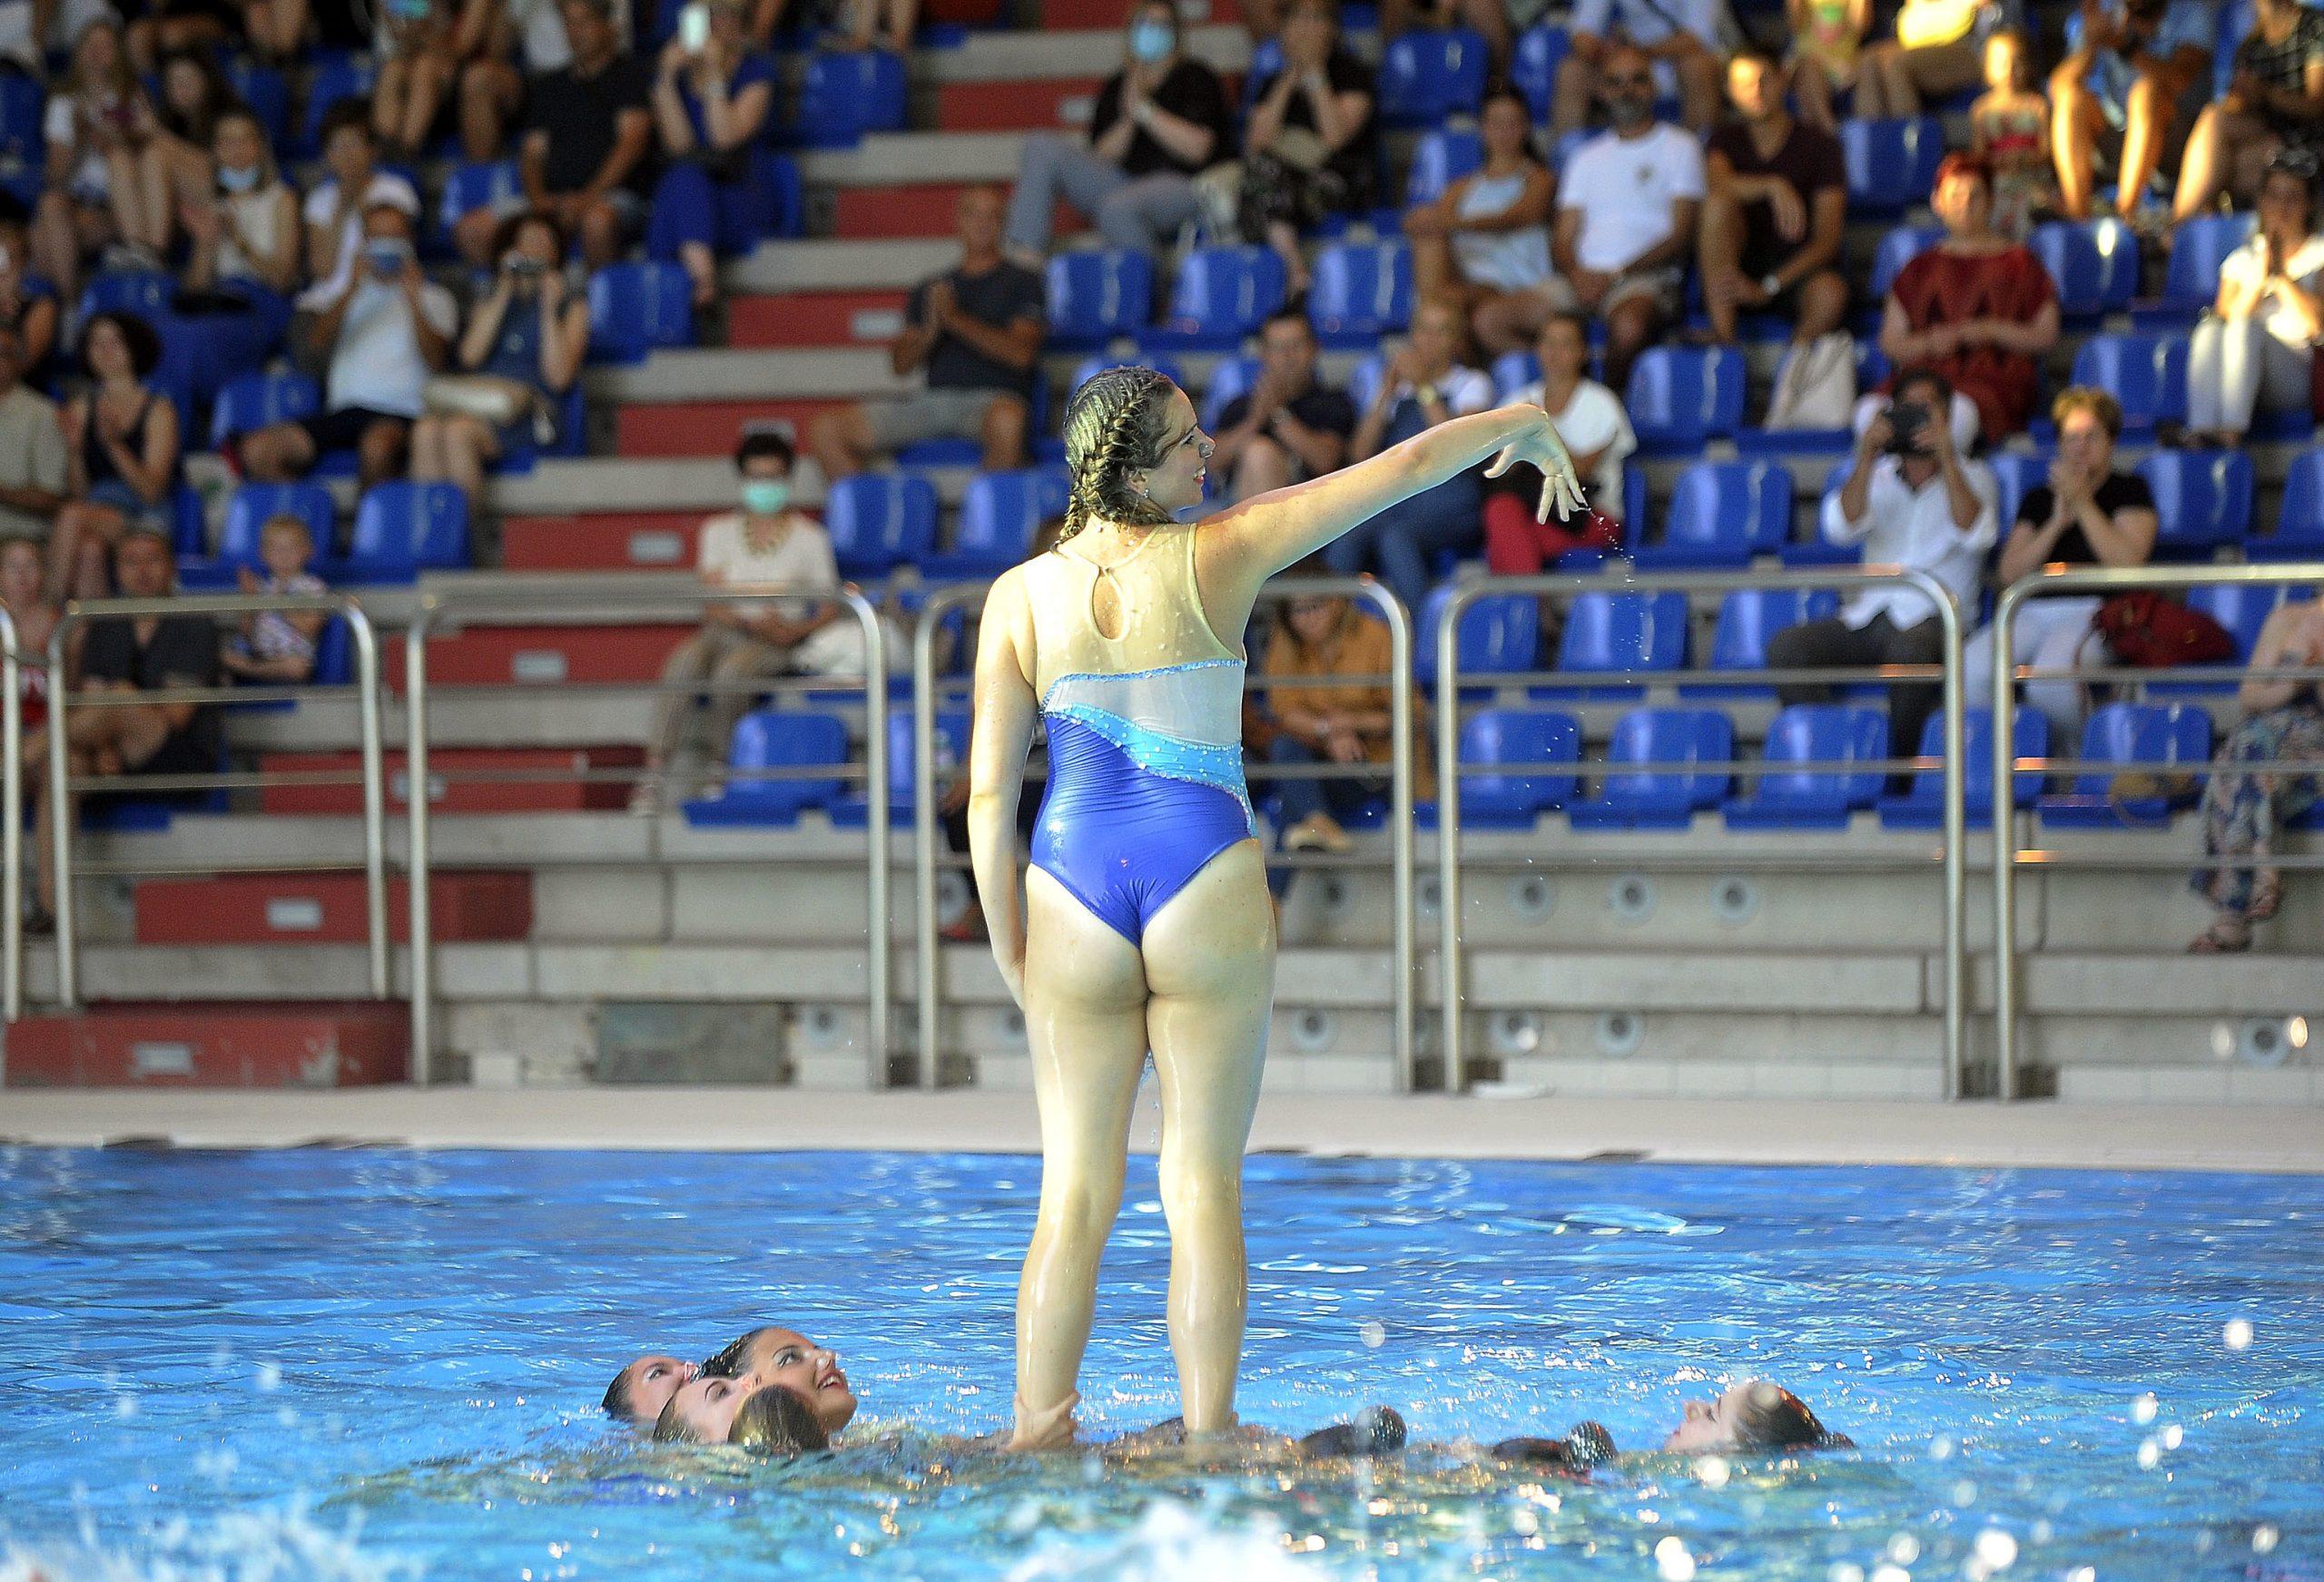 Završna revija Kluba sinkroniziranog plivanja Primorje Aqua Maris / Snimio Roni BRMALJ